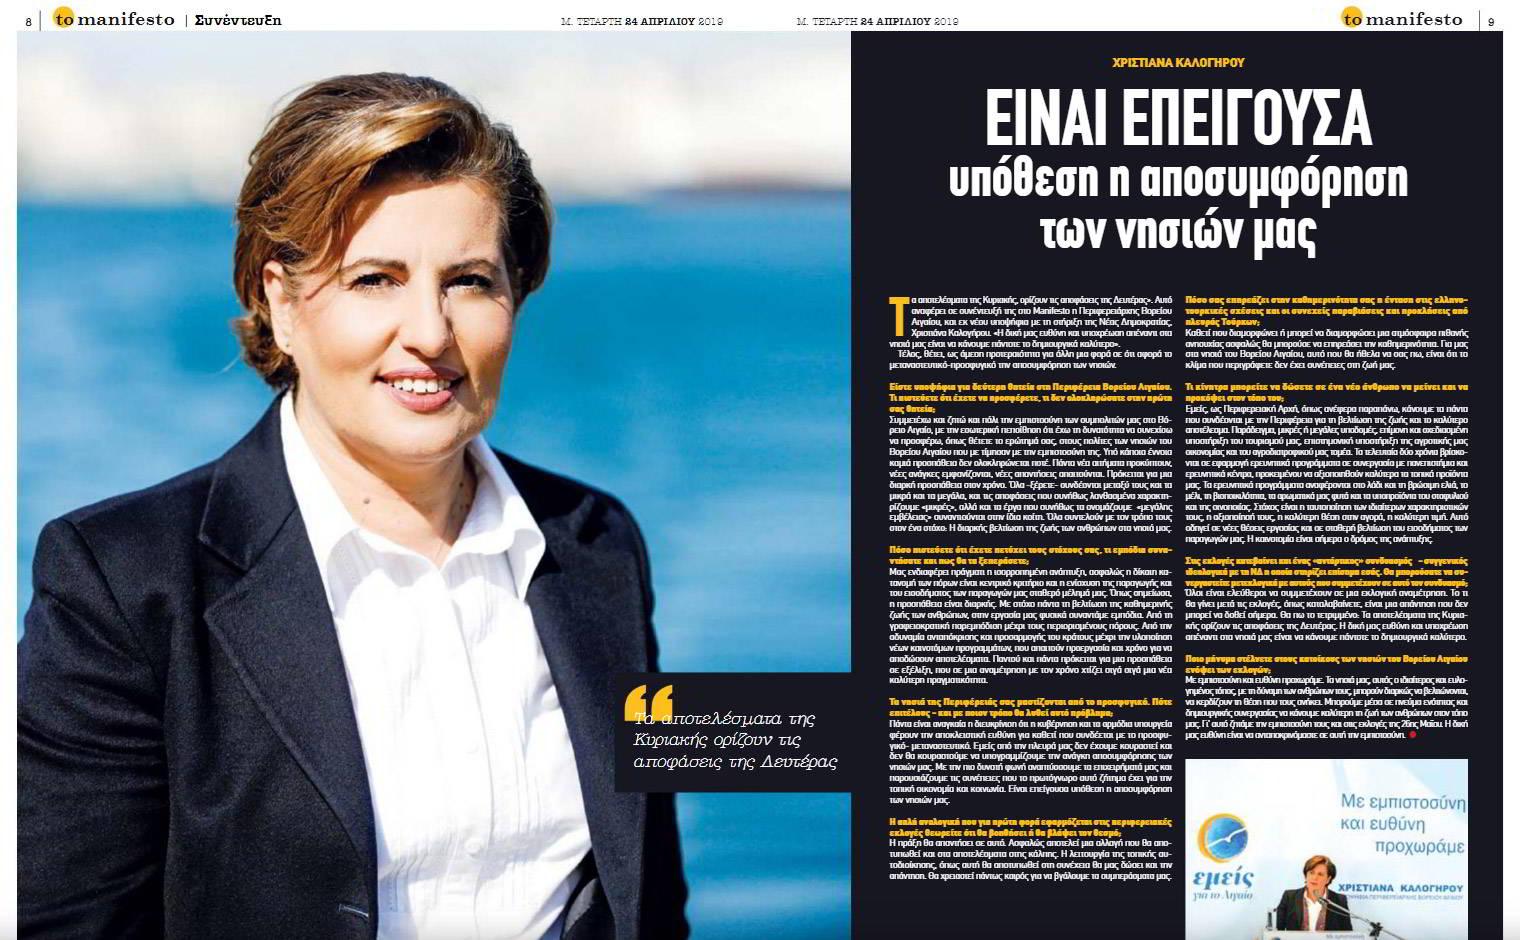 """Συνέντευξη της Χριστιάνας Καλογήρου στην ηλεκτρονική εφημερίδα """"to manifesto"""""""